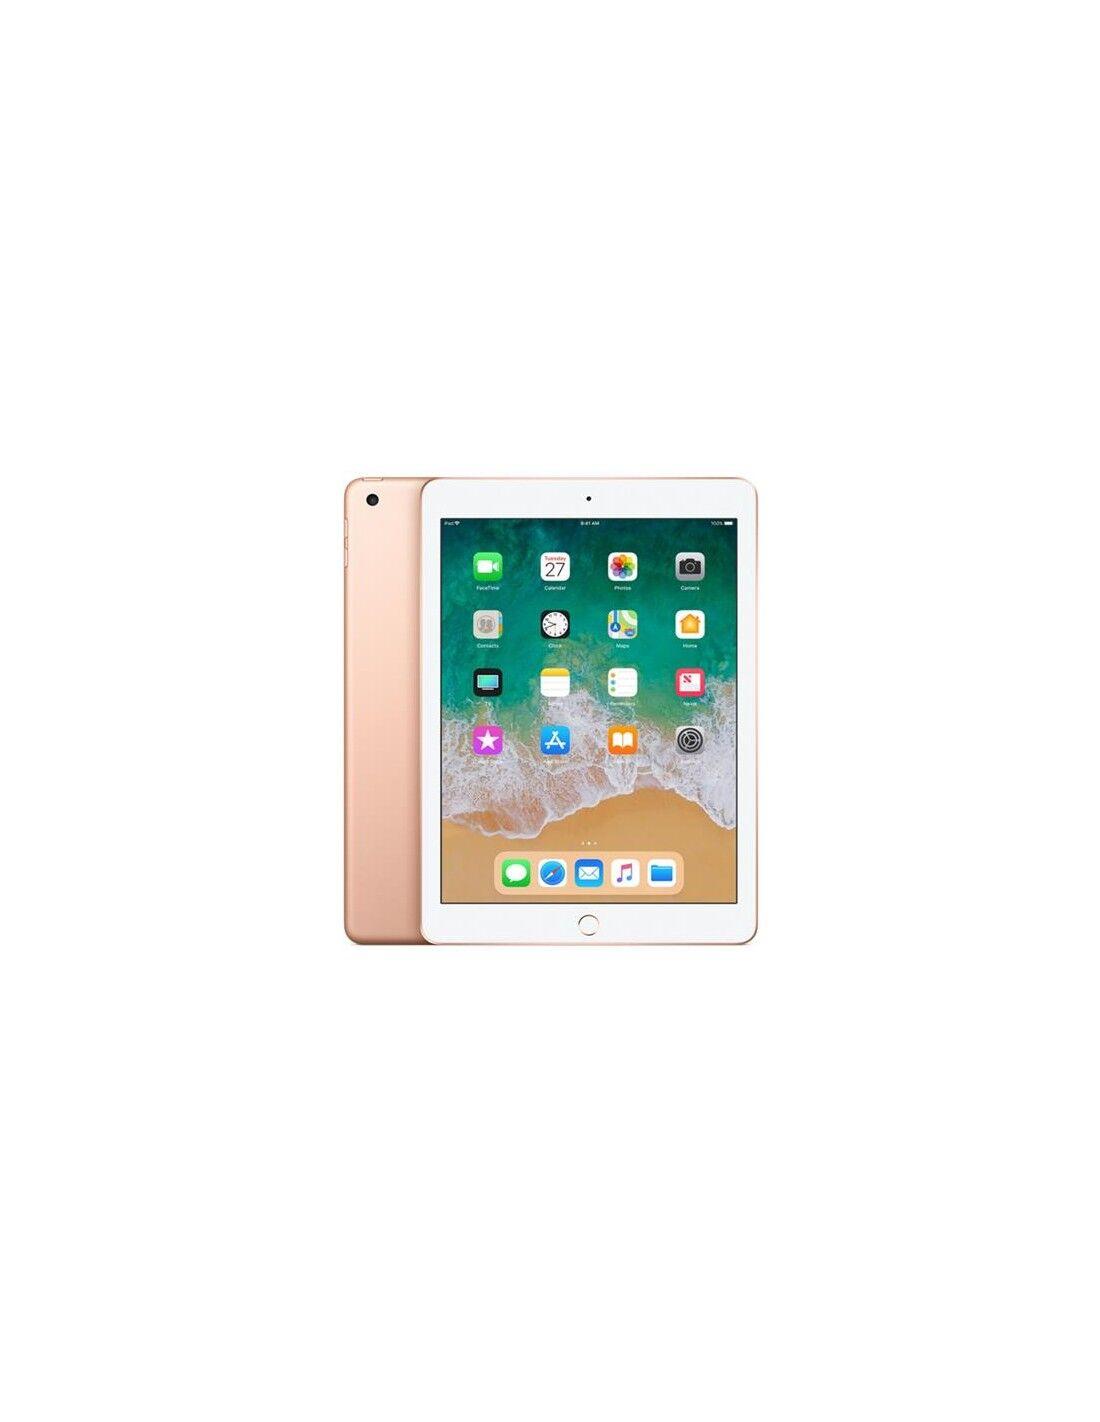 Apple Ipad 9.7 2018 32GB Gold Wi-Fi